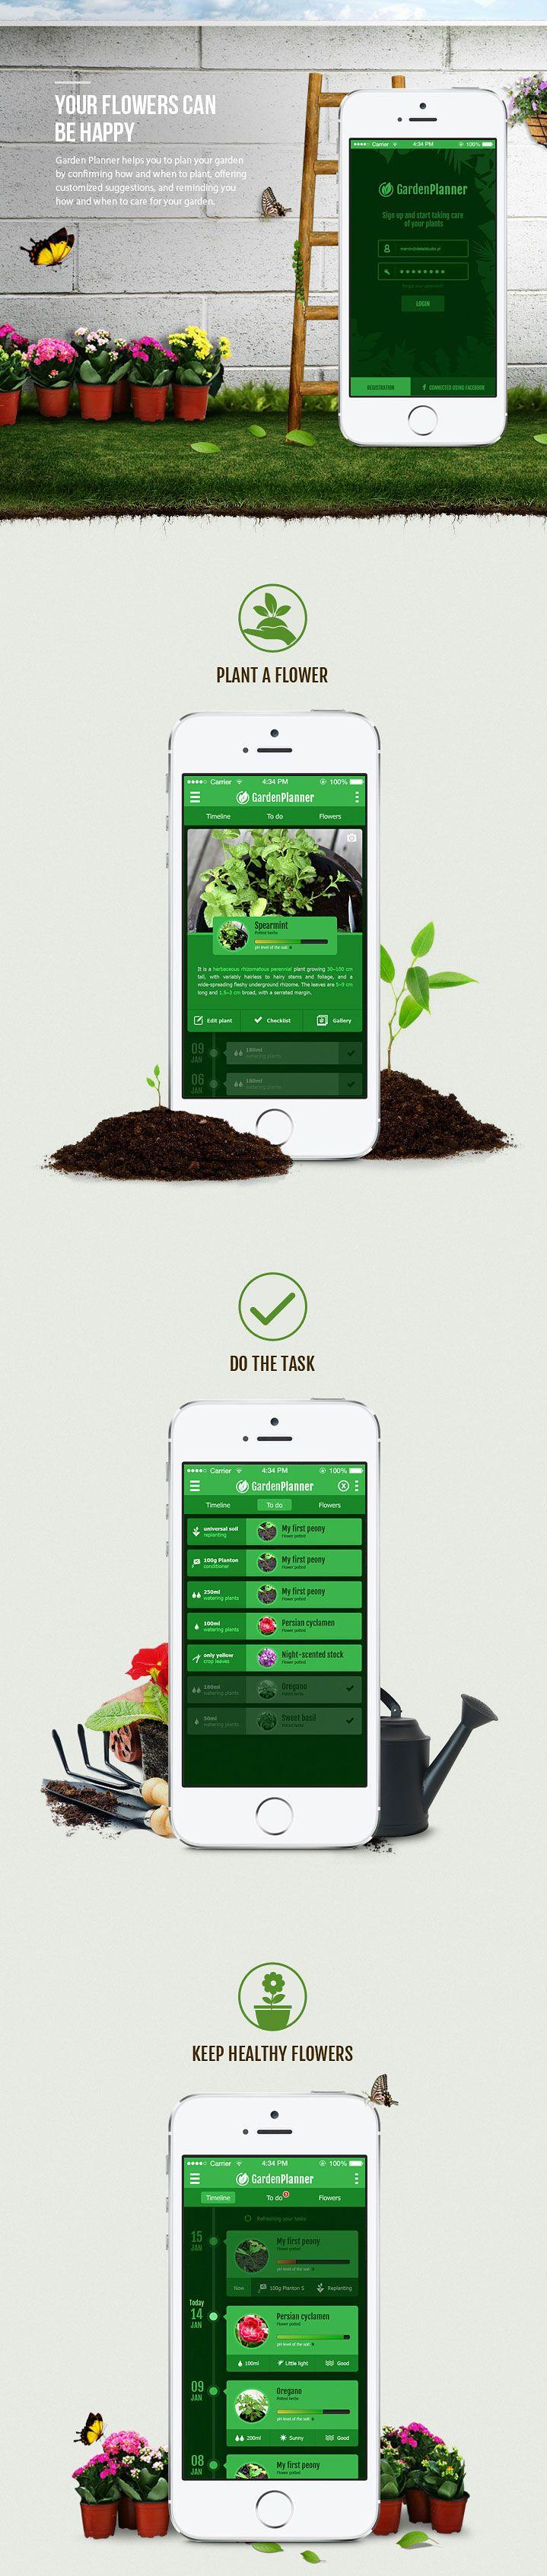 die 274 besten bilder zu ui design auf pinterest | behance, app, Gartengerate ideen